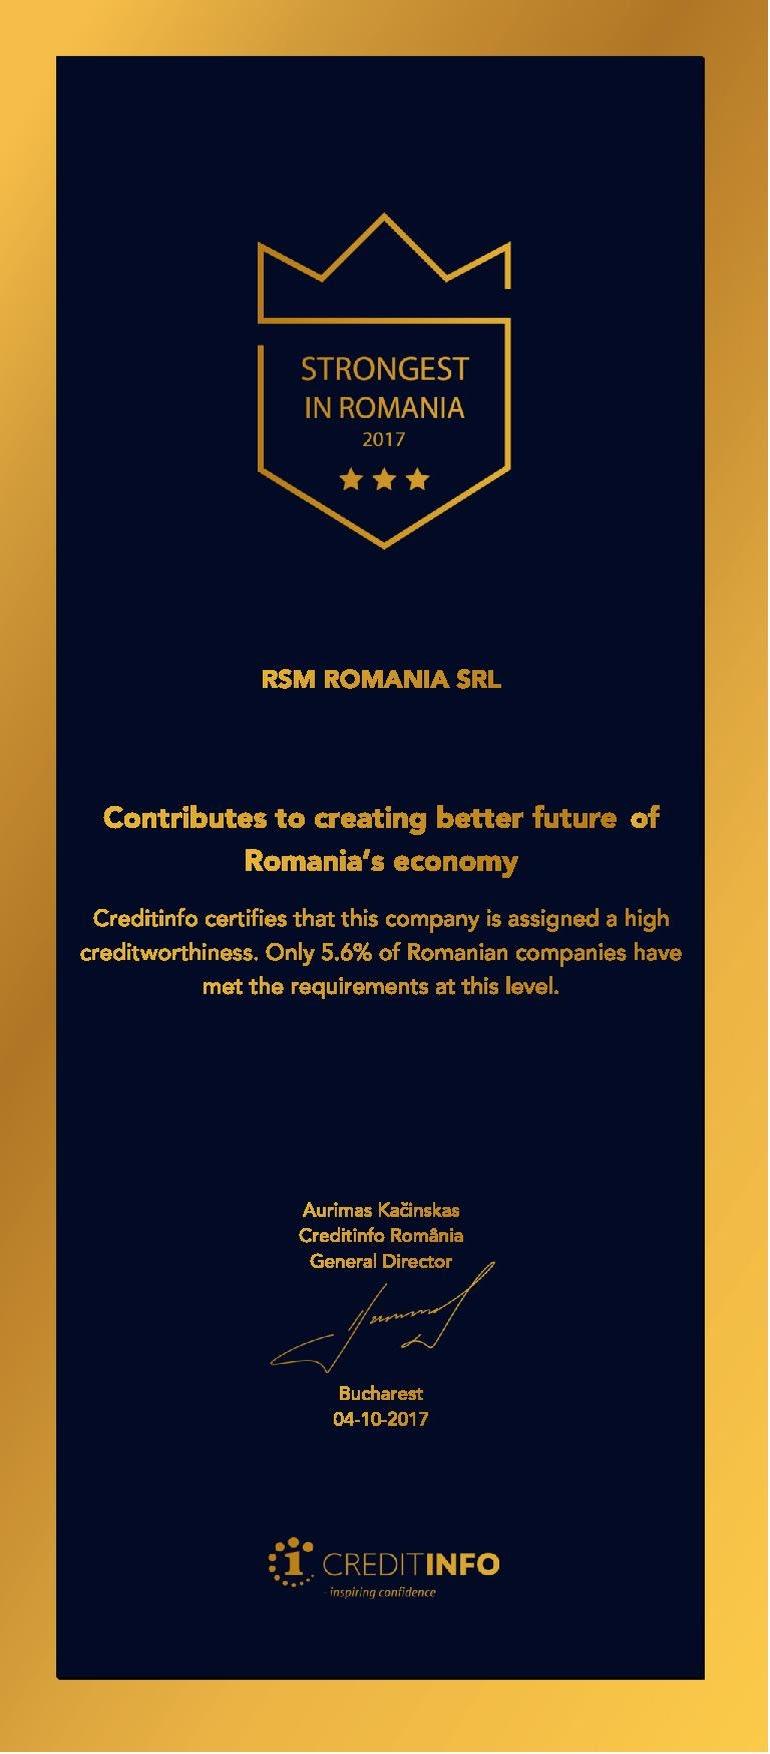 rsm_romania_srl_certificat_en-page-001.jpg